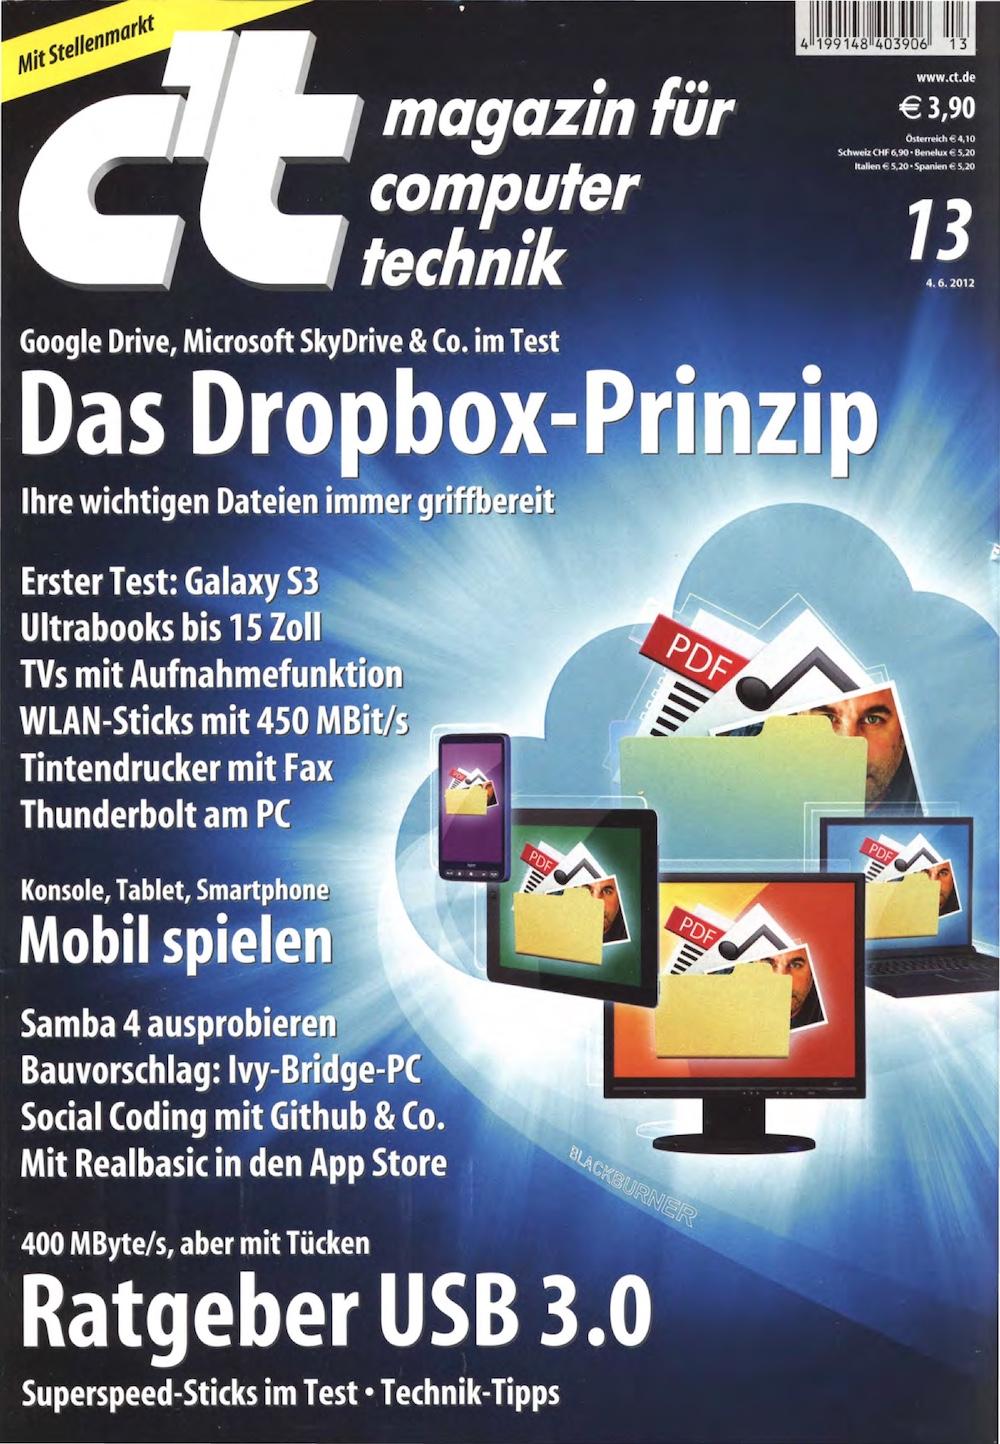 c't Magazin 2012-13